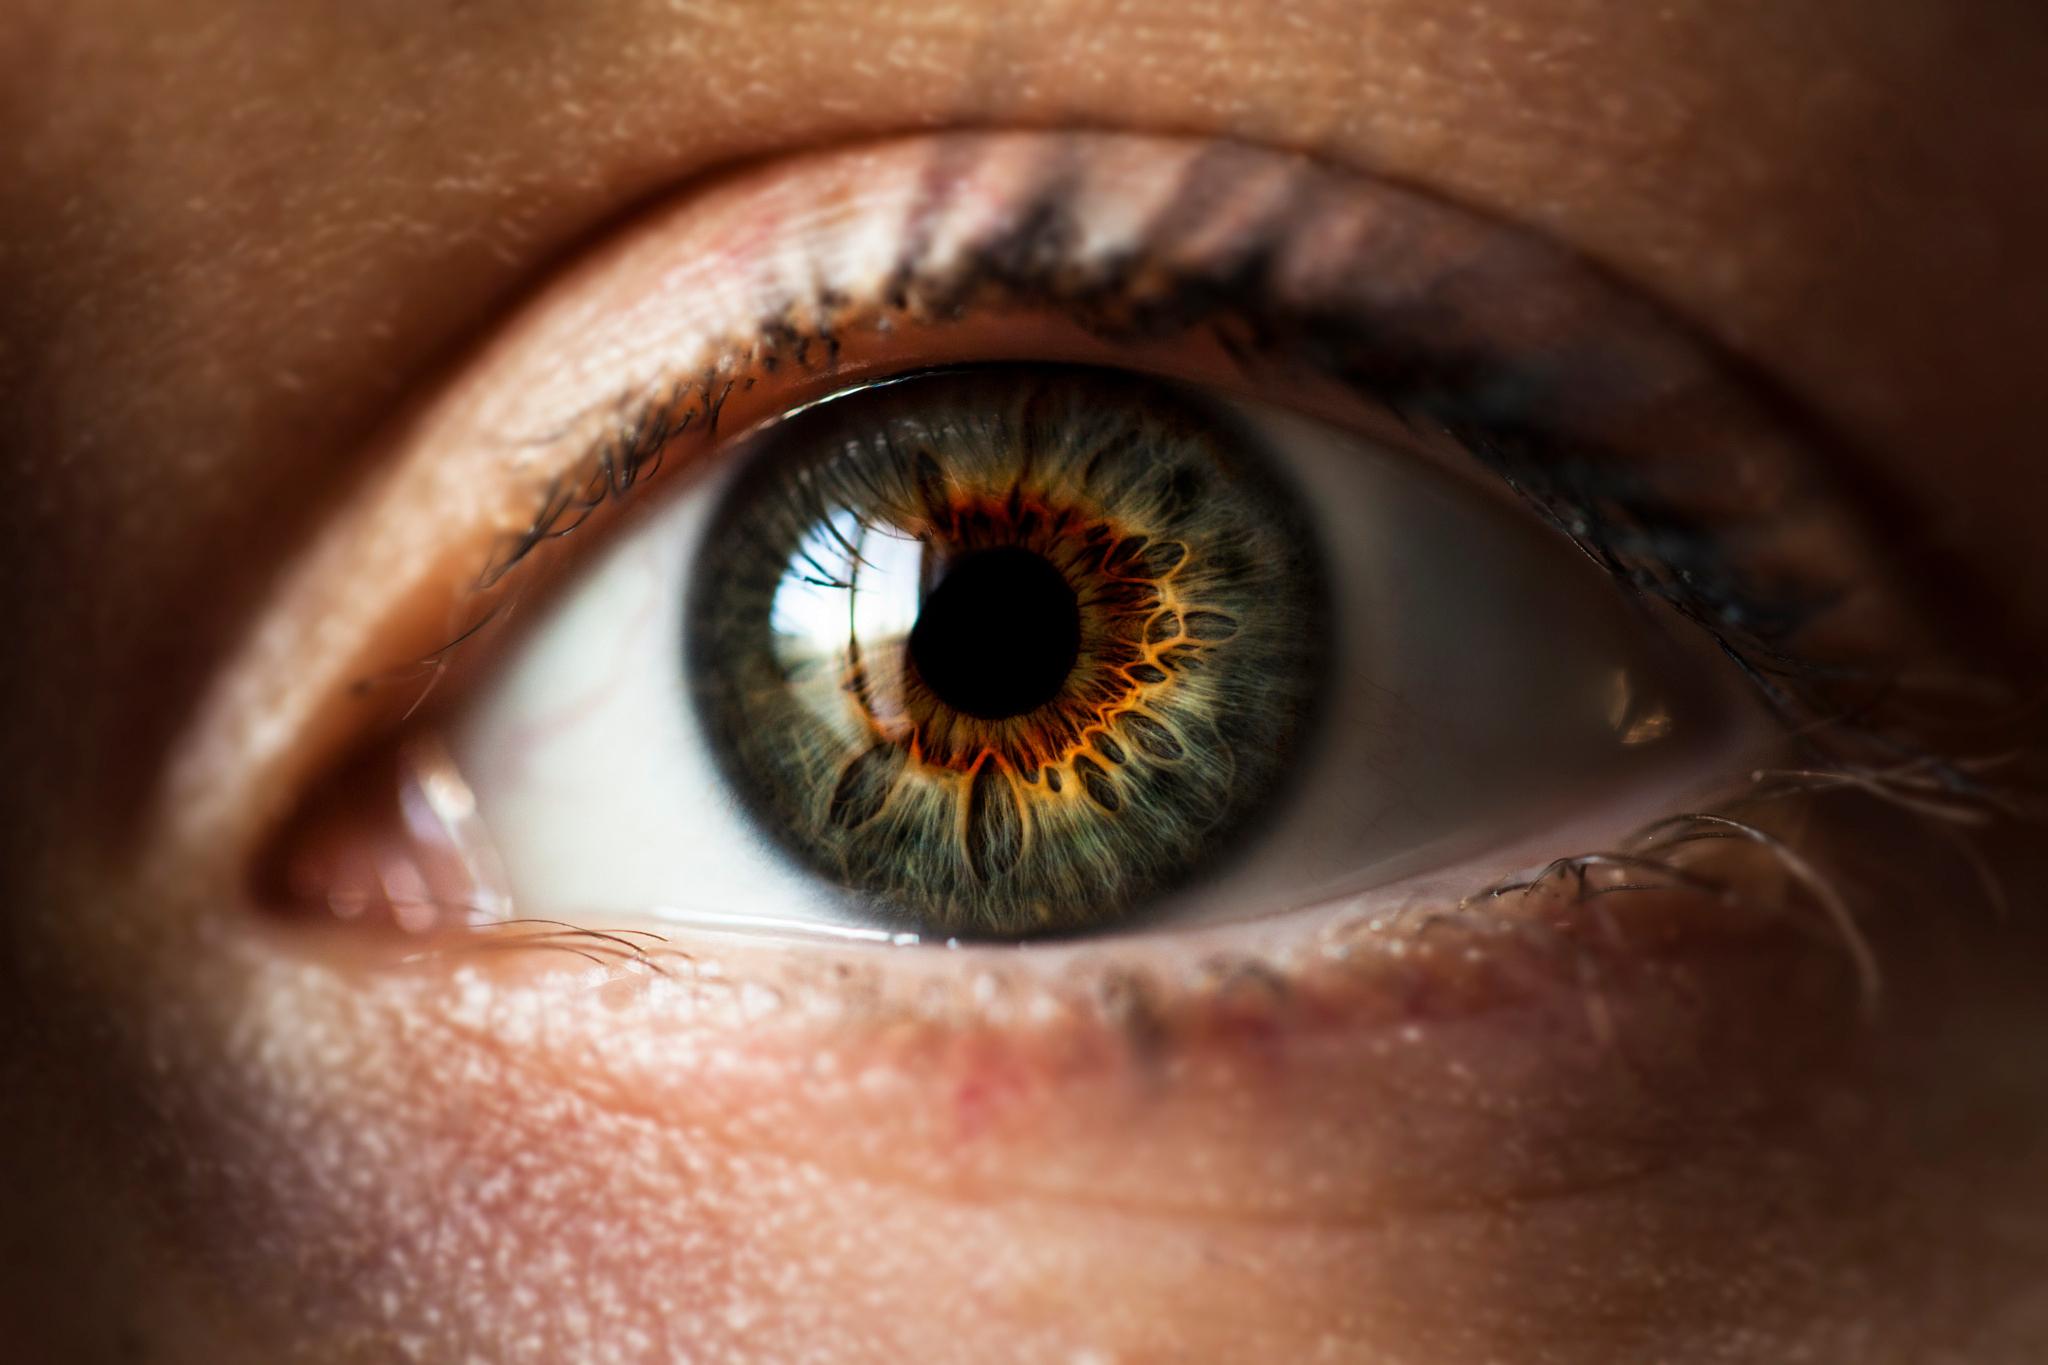 صور العين , صور للعين روعه - صباح الحب